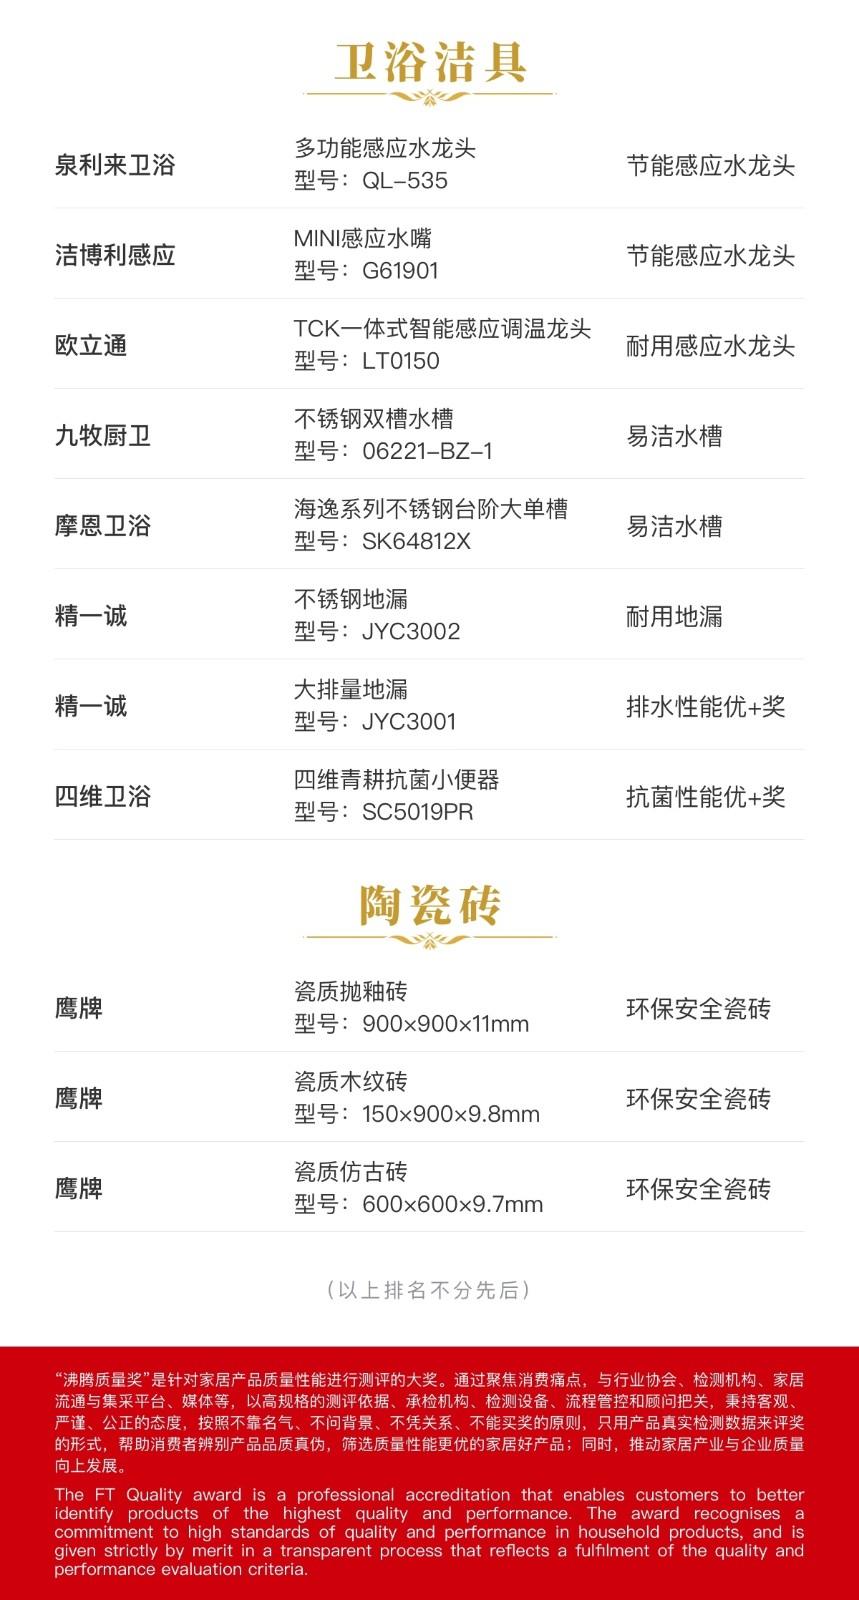 2021沸腾质量奖获奖公布(9月榜)-单项奖03.jpg